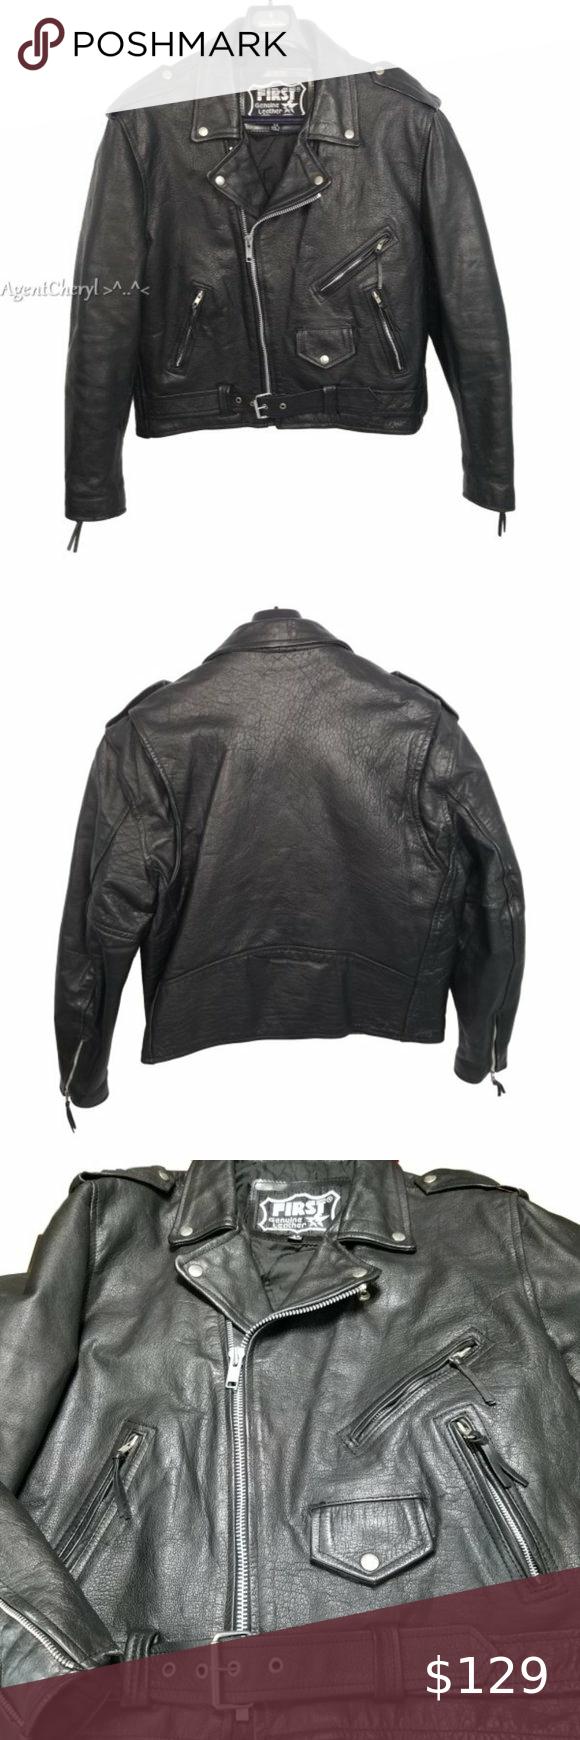 1st Genuine Leather Size 46 Mens Motorcycle Jacket Motorcycle Jacket Mens Clothes Design Motorcycle Jacket